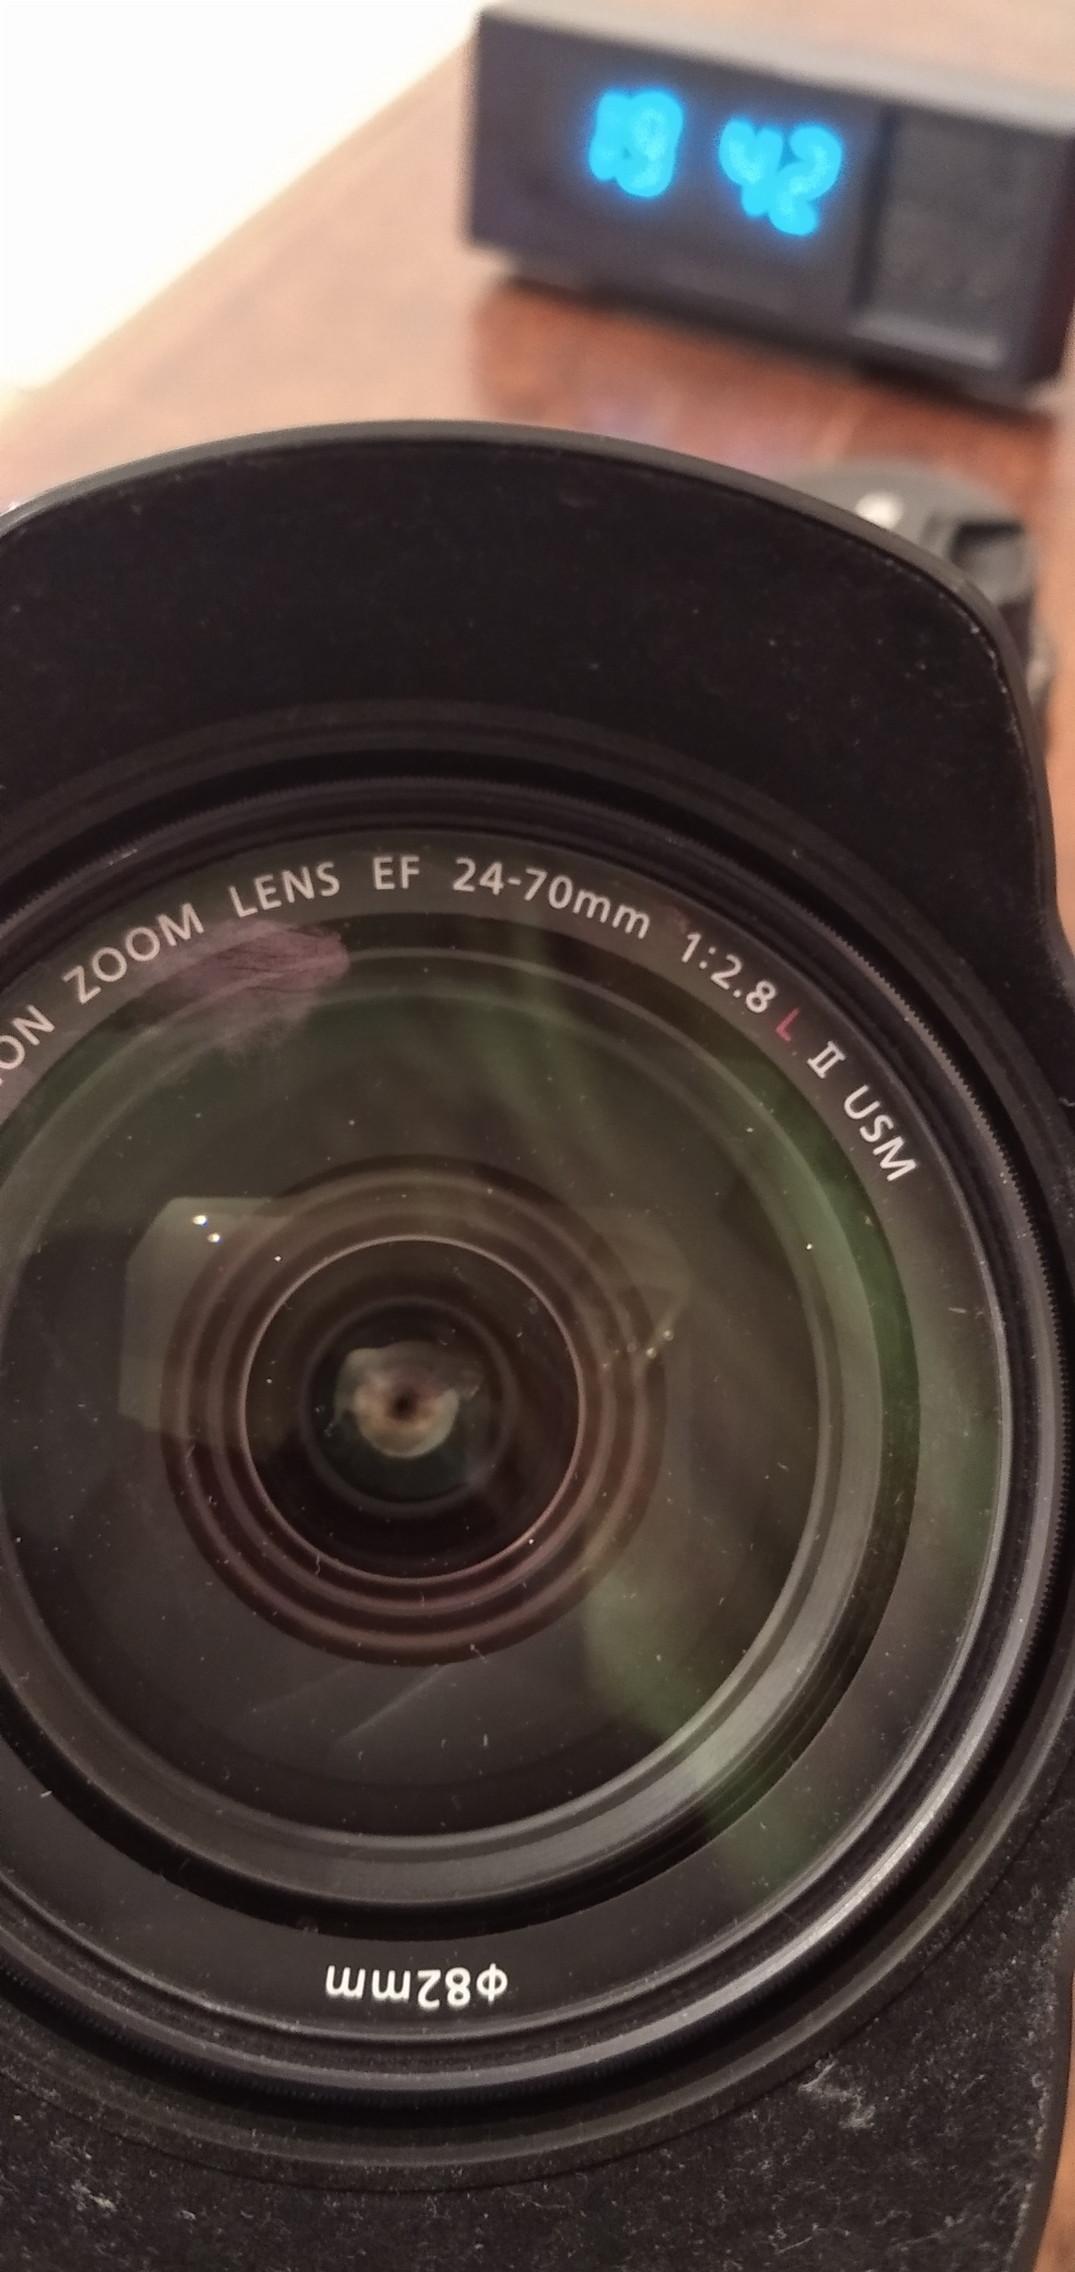 Canon Zoom Lens EF 24-70mm 1:2.8 L II USM